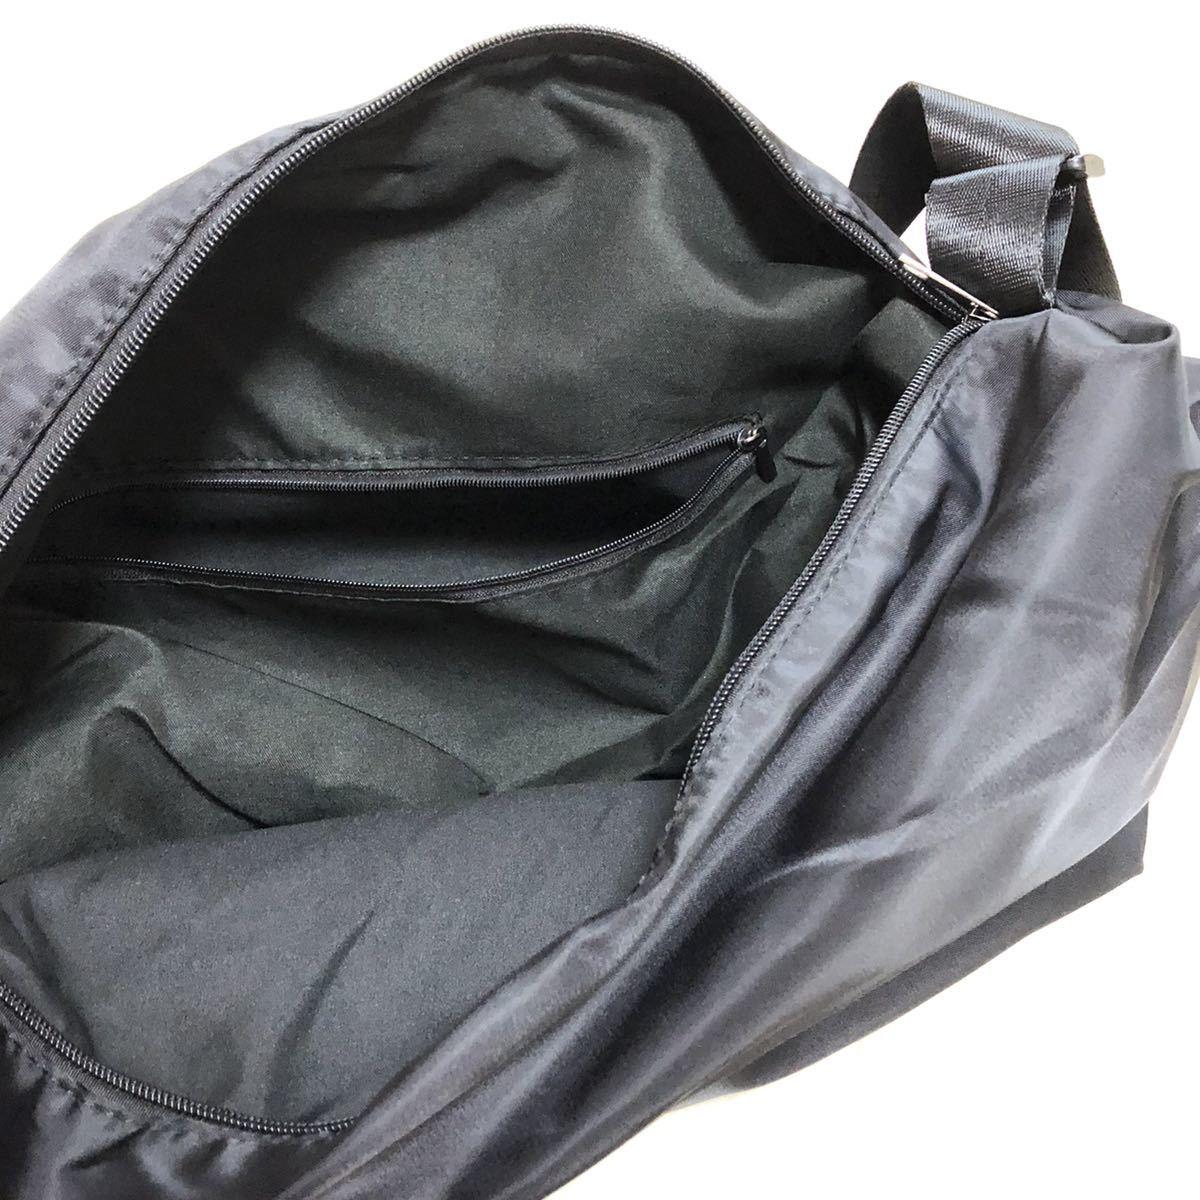 マザーバッグ、トートバッグ、 エコバッグに ショルダーバッグ レディース 大容量 撥水 大きめ マザーズバックトートバッグ シンプル